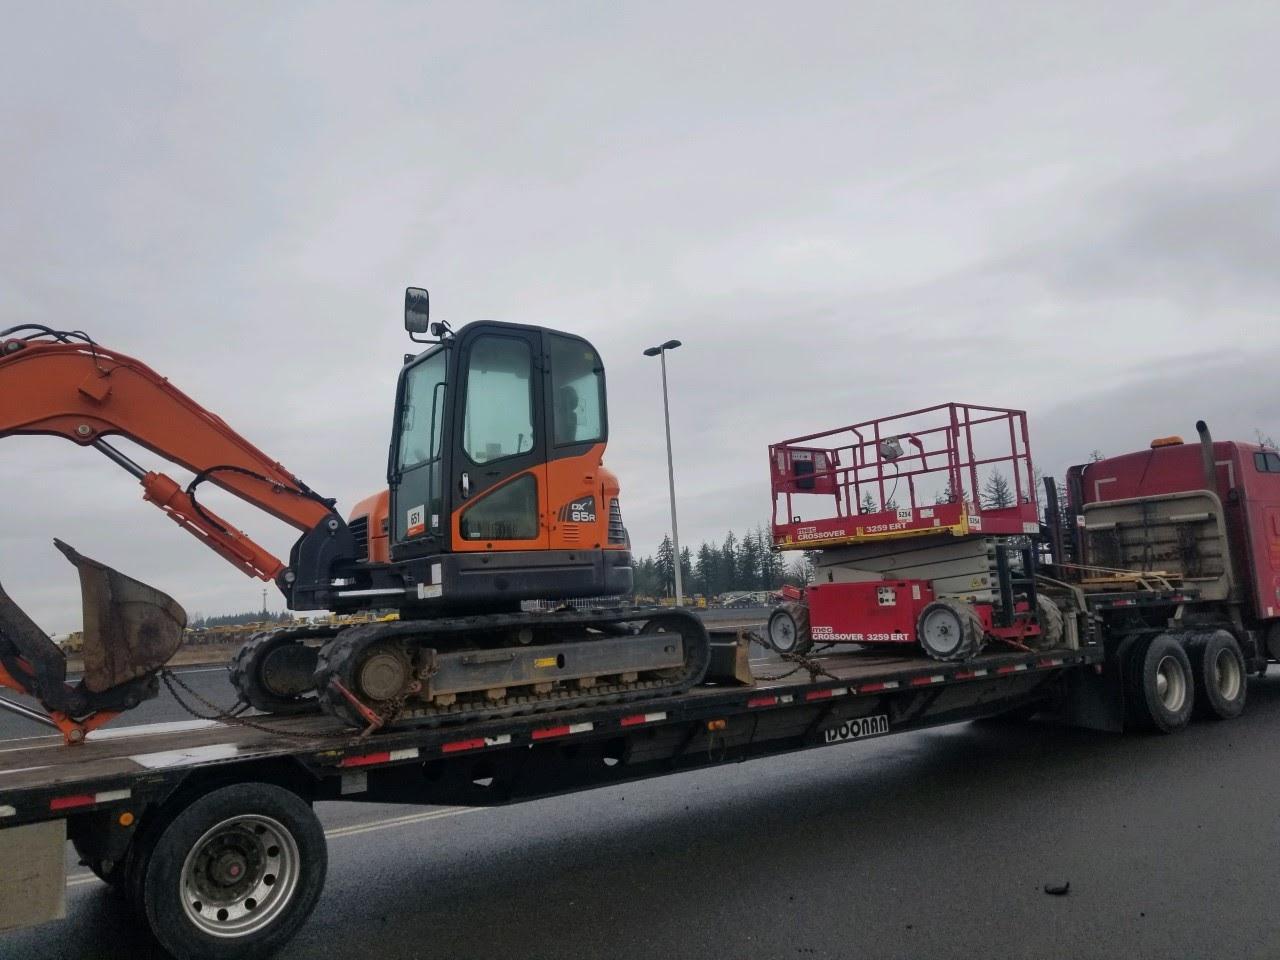 Hauling an excavator in Nebraska